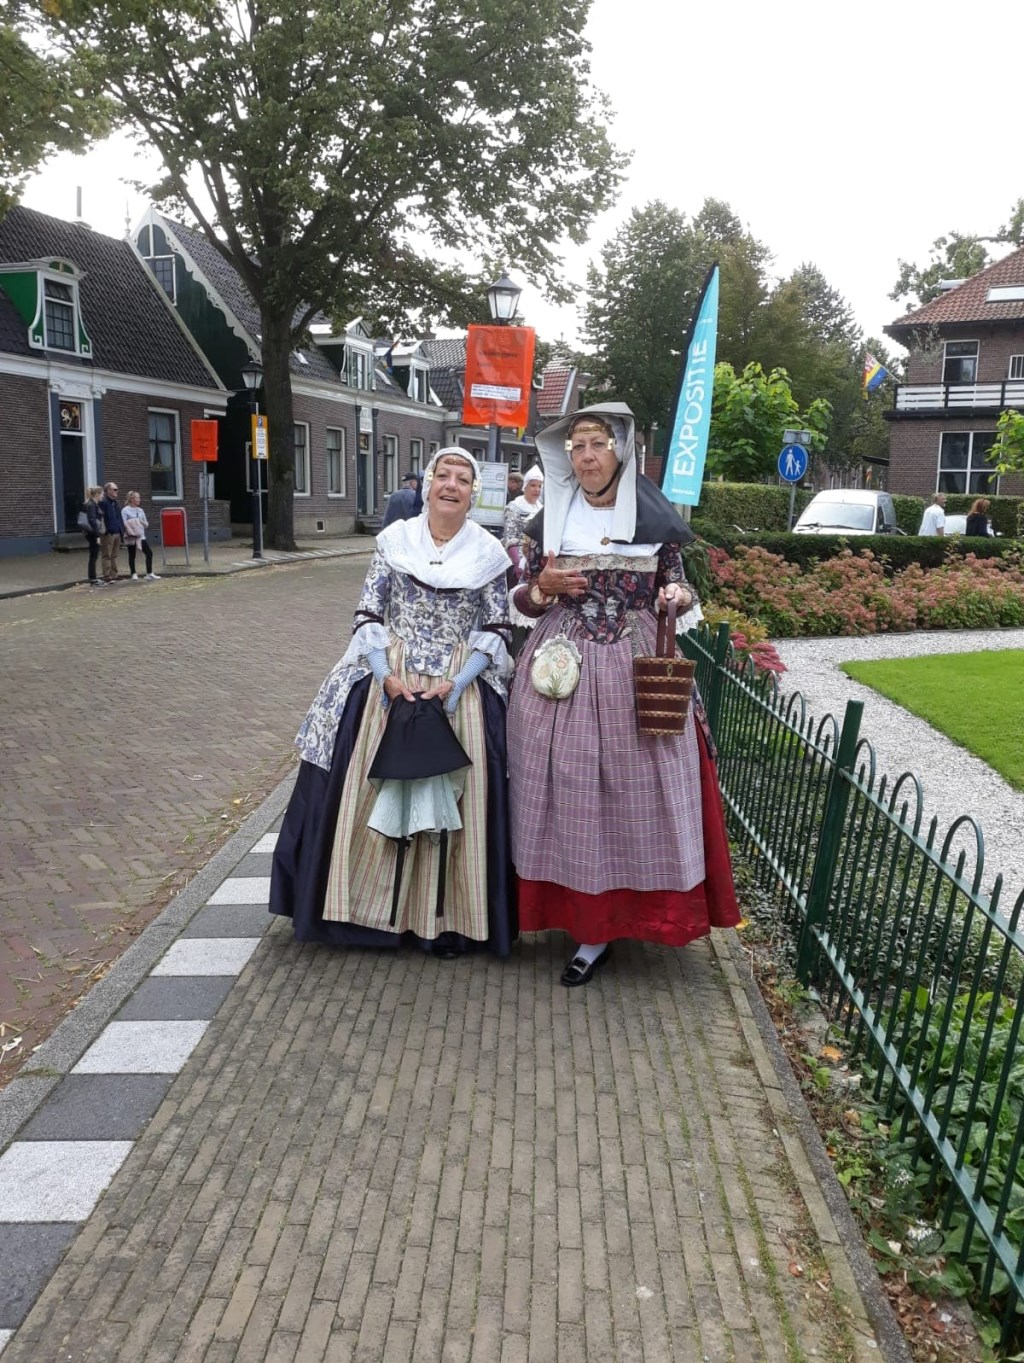 Dames in klederdracht tijdens Zaandijk 525  © rodi